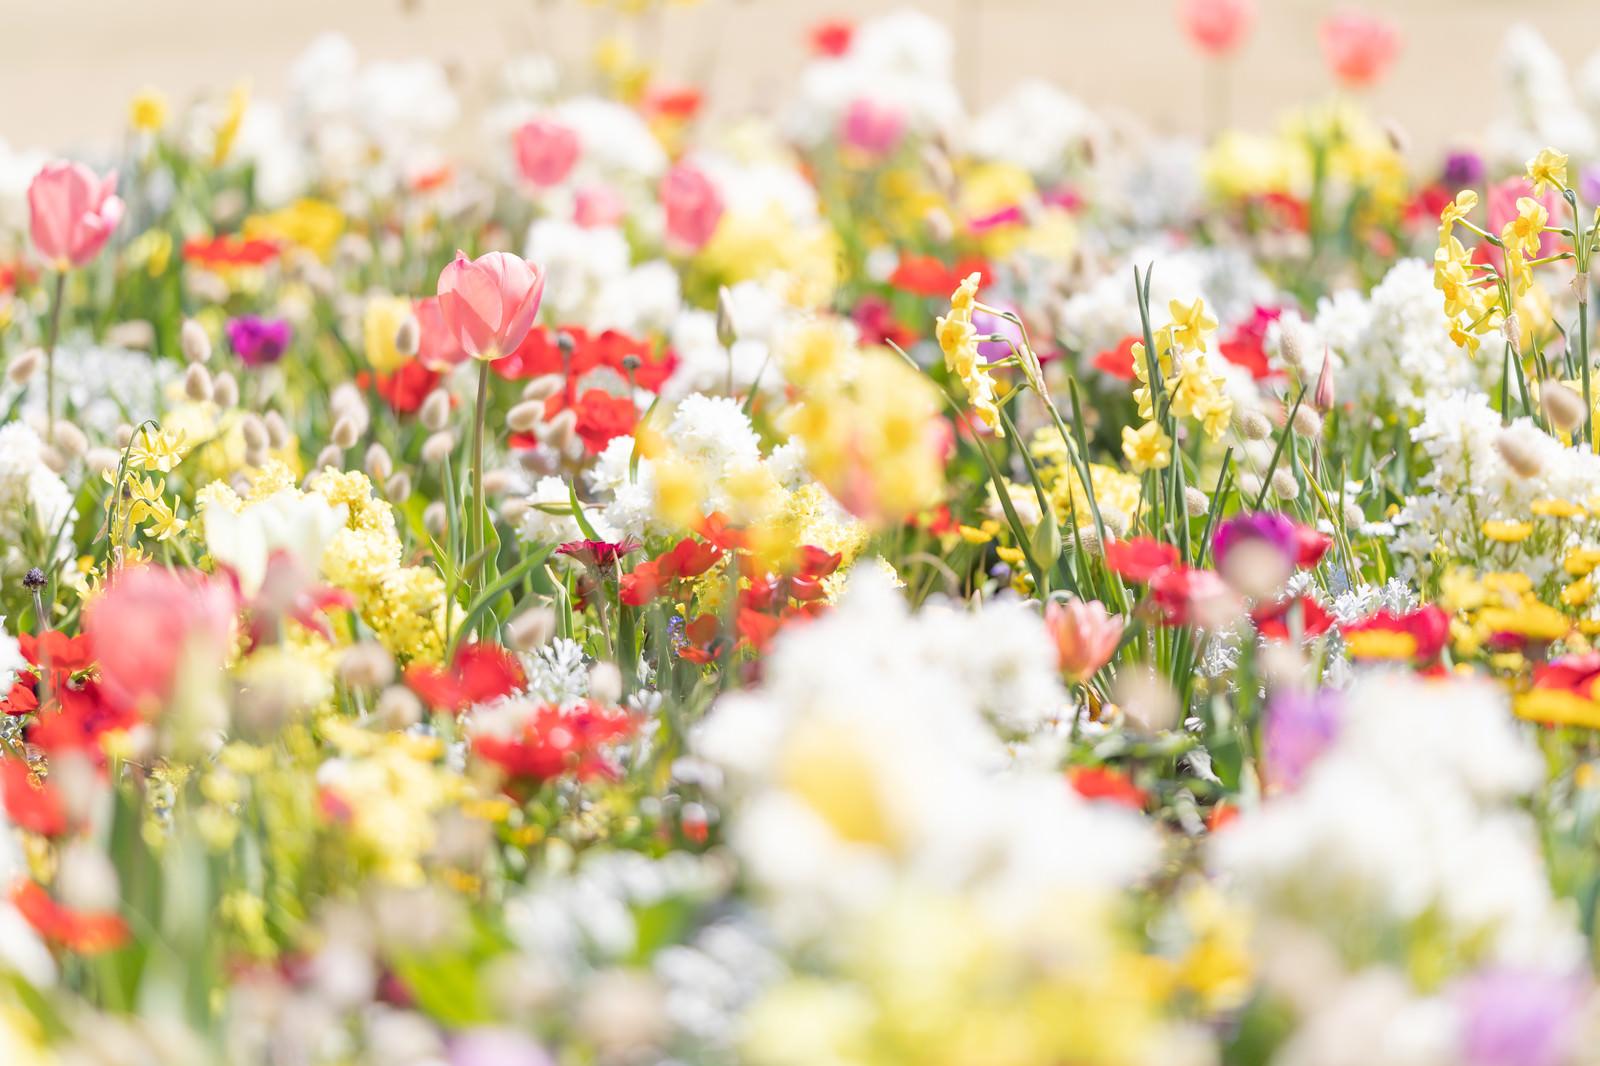 「一面の春爛漫」の写真